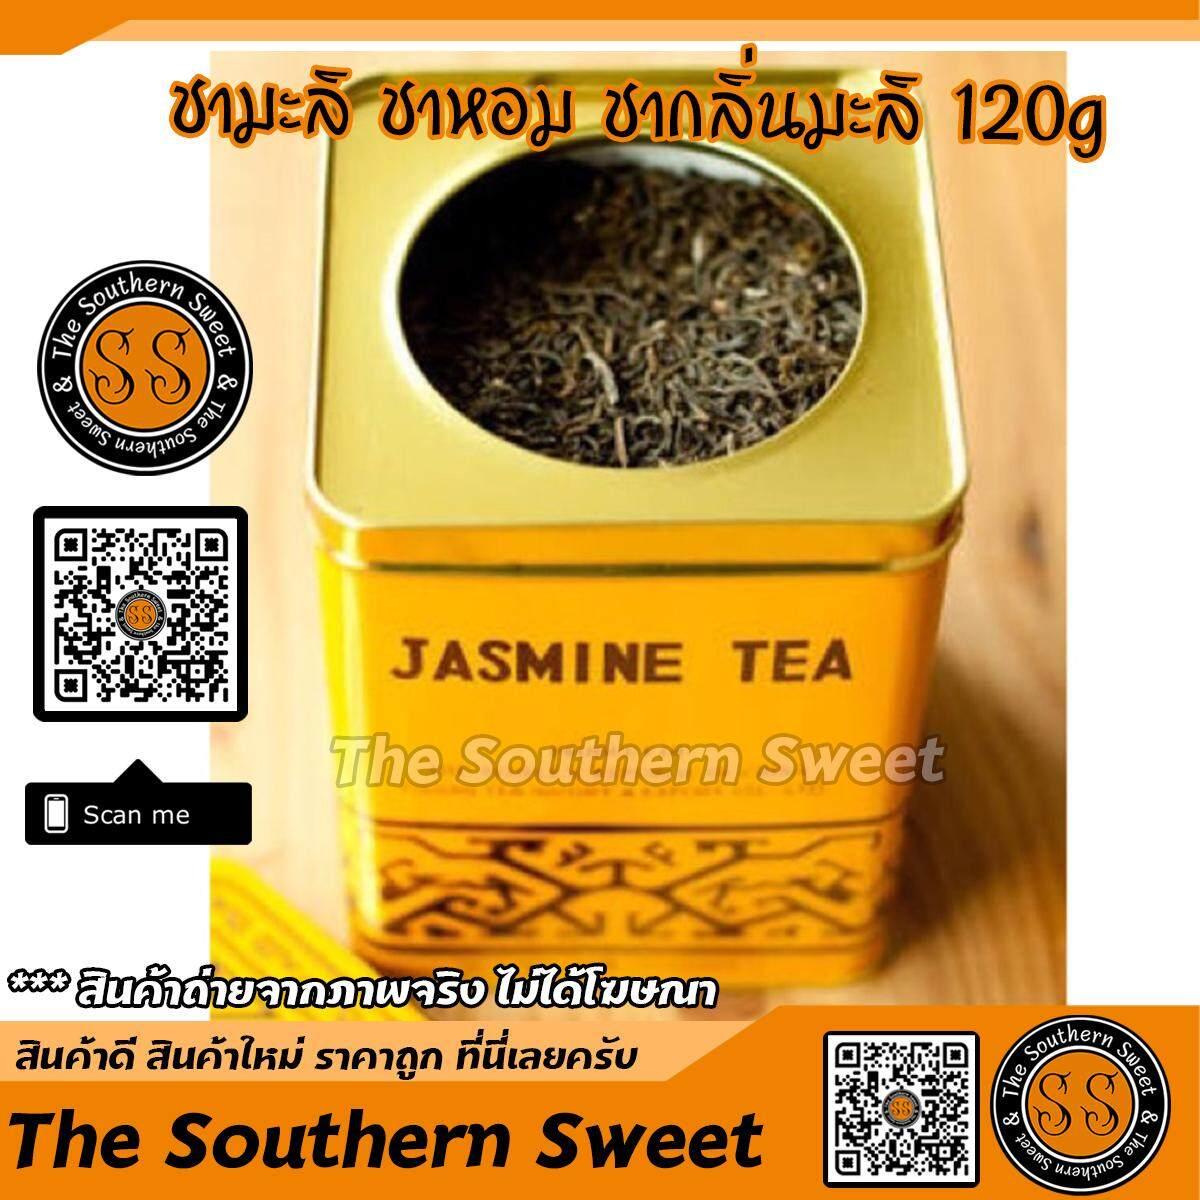 ชามะลิ 120 กรัม ชาหอม ชากลิ่้นมะลิ Jasmine Tea 120g ชามะลิ หอม รสชาติดี สินค้าคุณภาพจากร้าน The Southern Sweet.